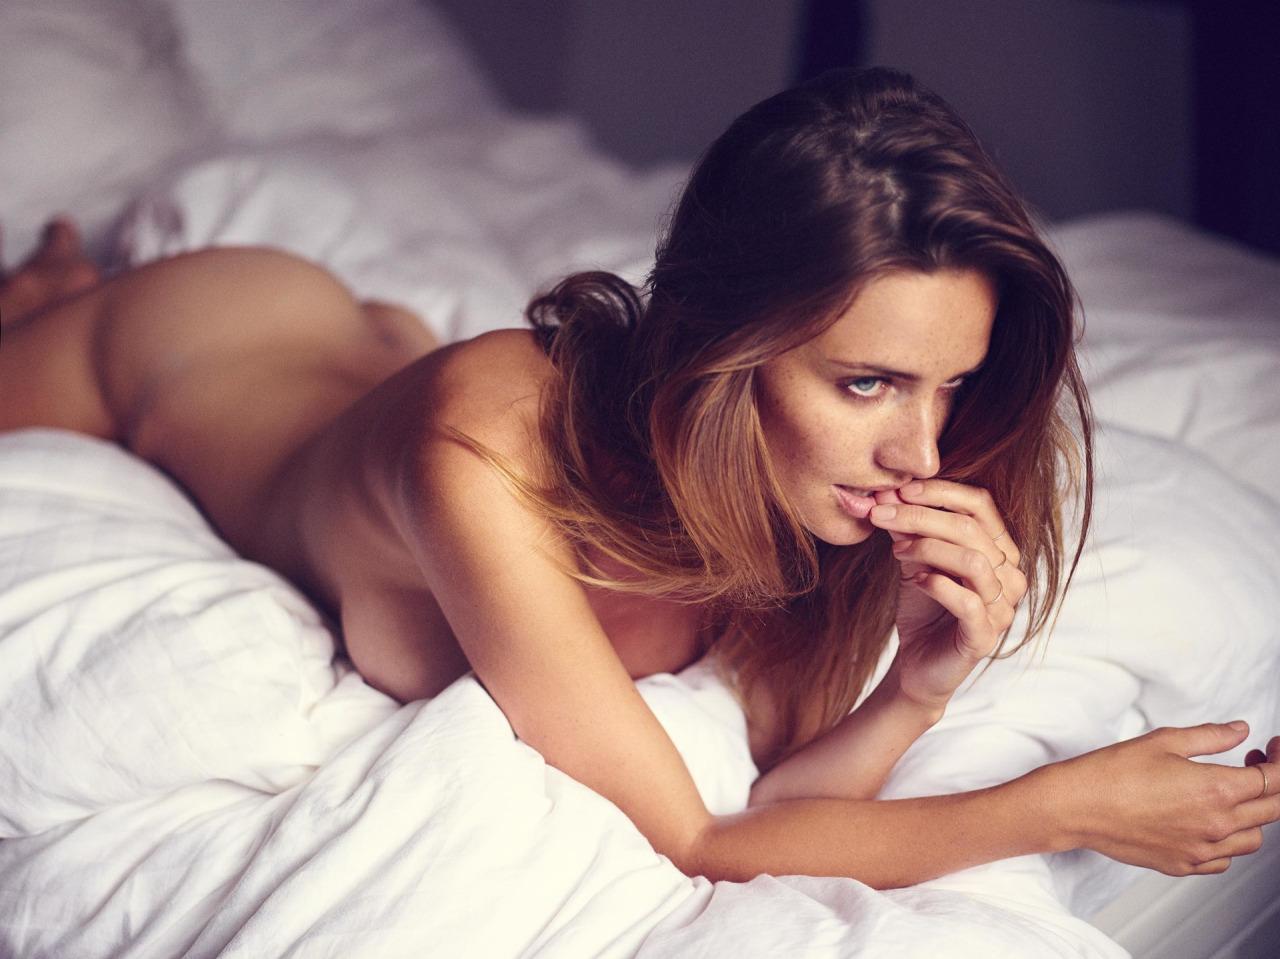 szex pornó klip